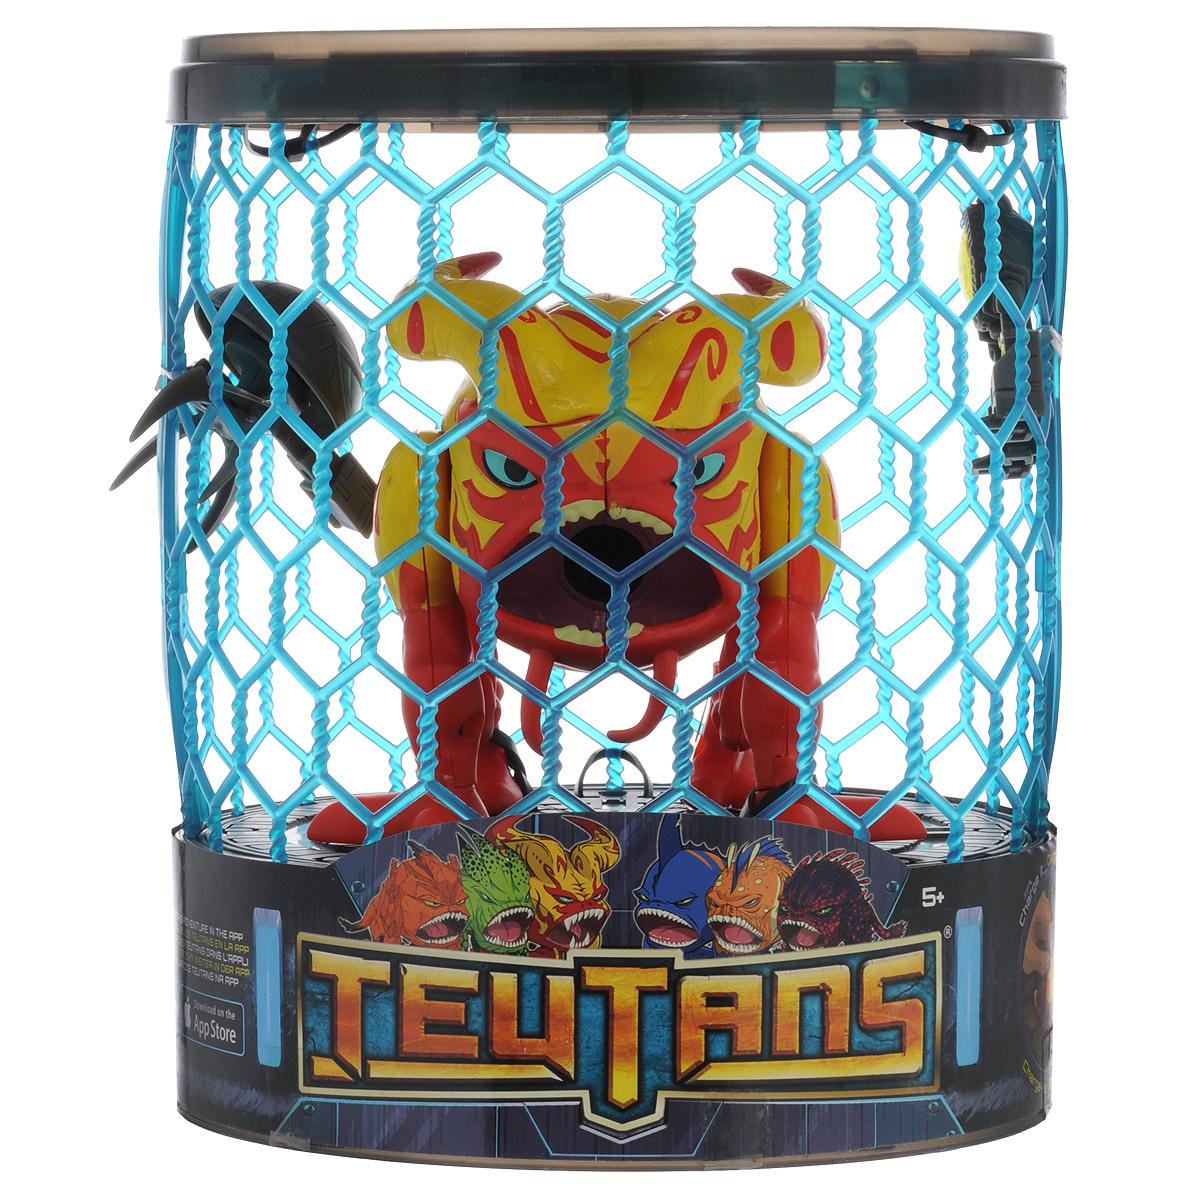 Набор фигурок Teutans, цвет: красный, желтый1132192 красныйНабор фигурок Teutans обязательно понравится вашему ребенку! На планете Теон обитают дикие и примитивные существа, известные как Теутаны, которым приходится сражаться против вторжения злобных роботов - Бадуллсов. Оптиком, командир армии противника, жаждет истребить всех Теутанов и присвоить их родную планету себе. Для защиты своего народа и планеты вызвались шесть отважных героев: Квейк, Муз, Зед, Лево, Вом и Крал. Эти герои способны стрелять пулями и разрушительными ракетами изо рта, а также взаимодействовать с мобильными устройствами через специальное приложение, которое позволит ребенку разнообразить игровой процесс и получать новый игровой опыт, проходя уровень за уровнем. В набор входят 3 фигурки - 2 фигурки роботов и фигурка Лево, а также клетка, которую можно использовать как игровой элемент. Когда на поле битвы Лево - атмосфера накаляется! Если шары и ракеты не были эффективны, он добавляет им нотку огненной ярости! Благодаря маленьким размерам фигурок...